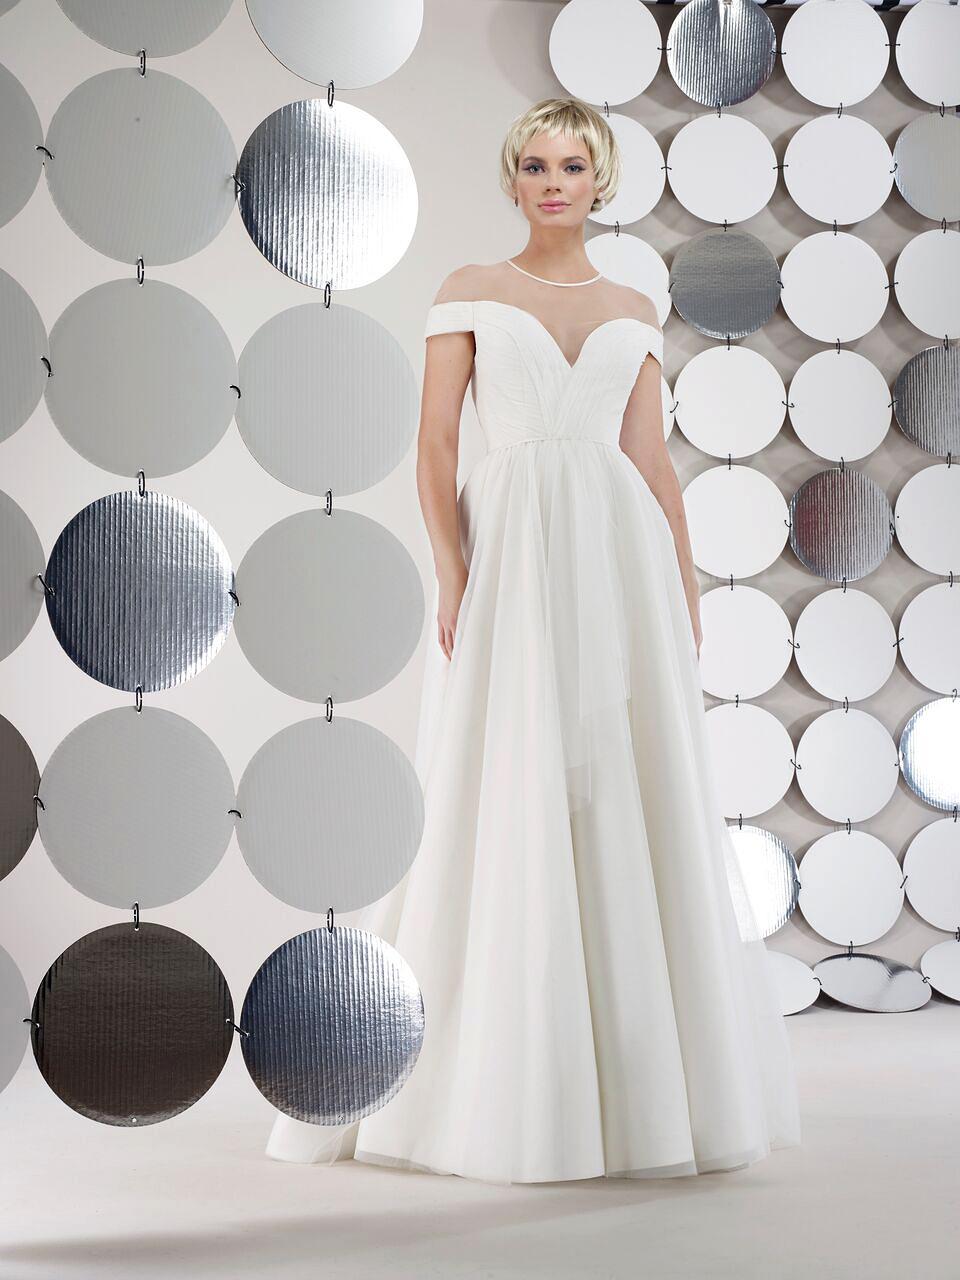 steven birnbaum bridal wedding dress fall 2018 off the shoulder v neck